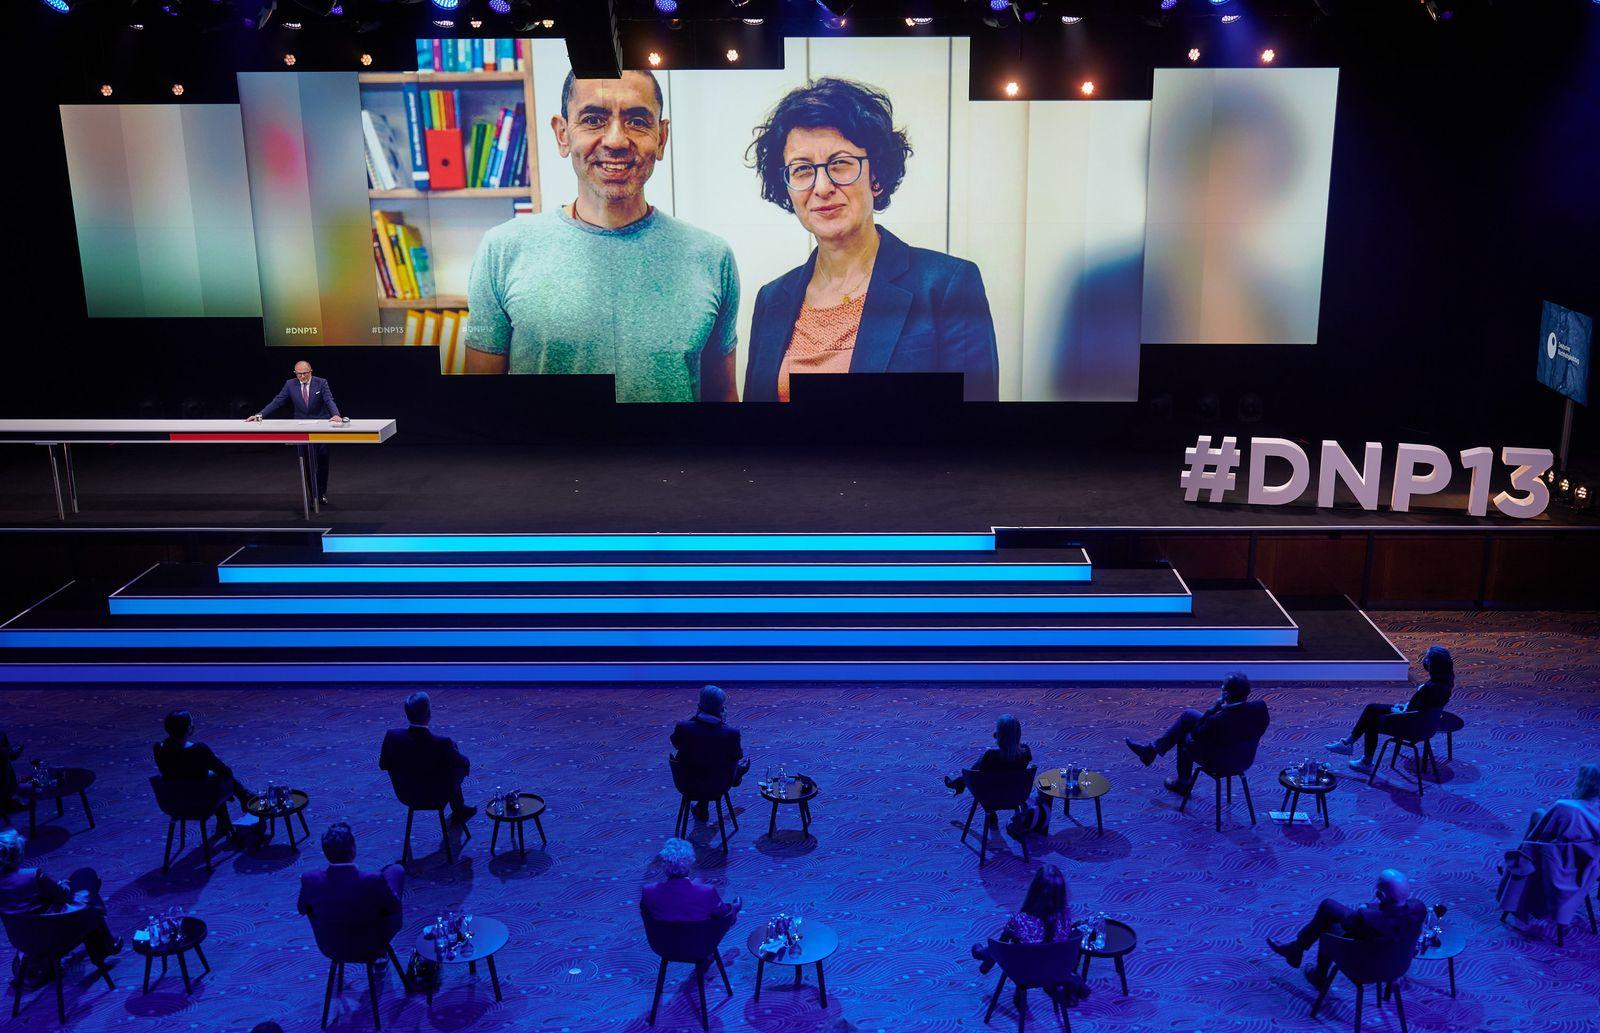 Verleihung 13. Deutscher Nachhaltigkeitspreis